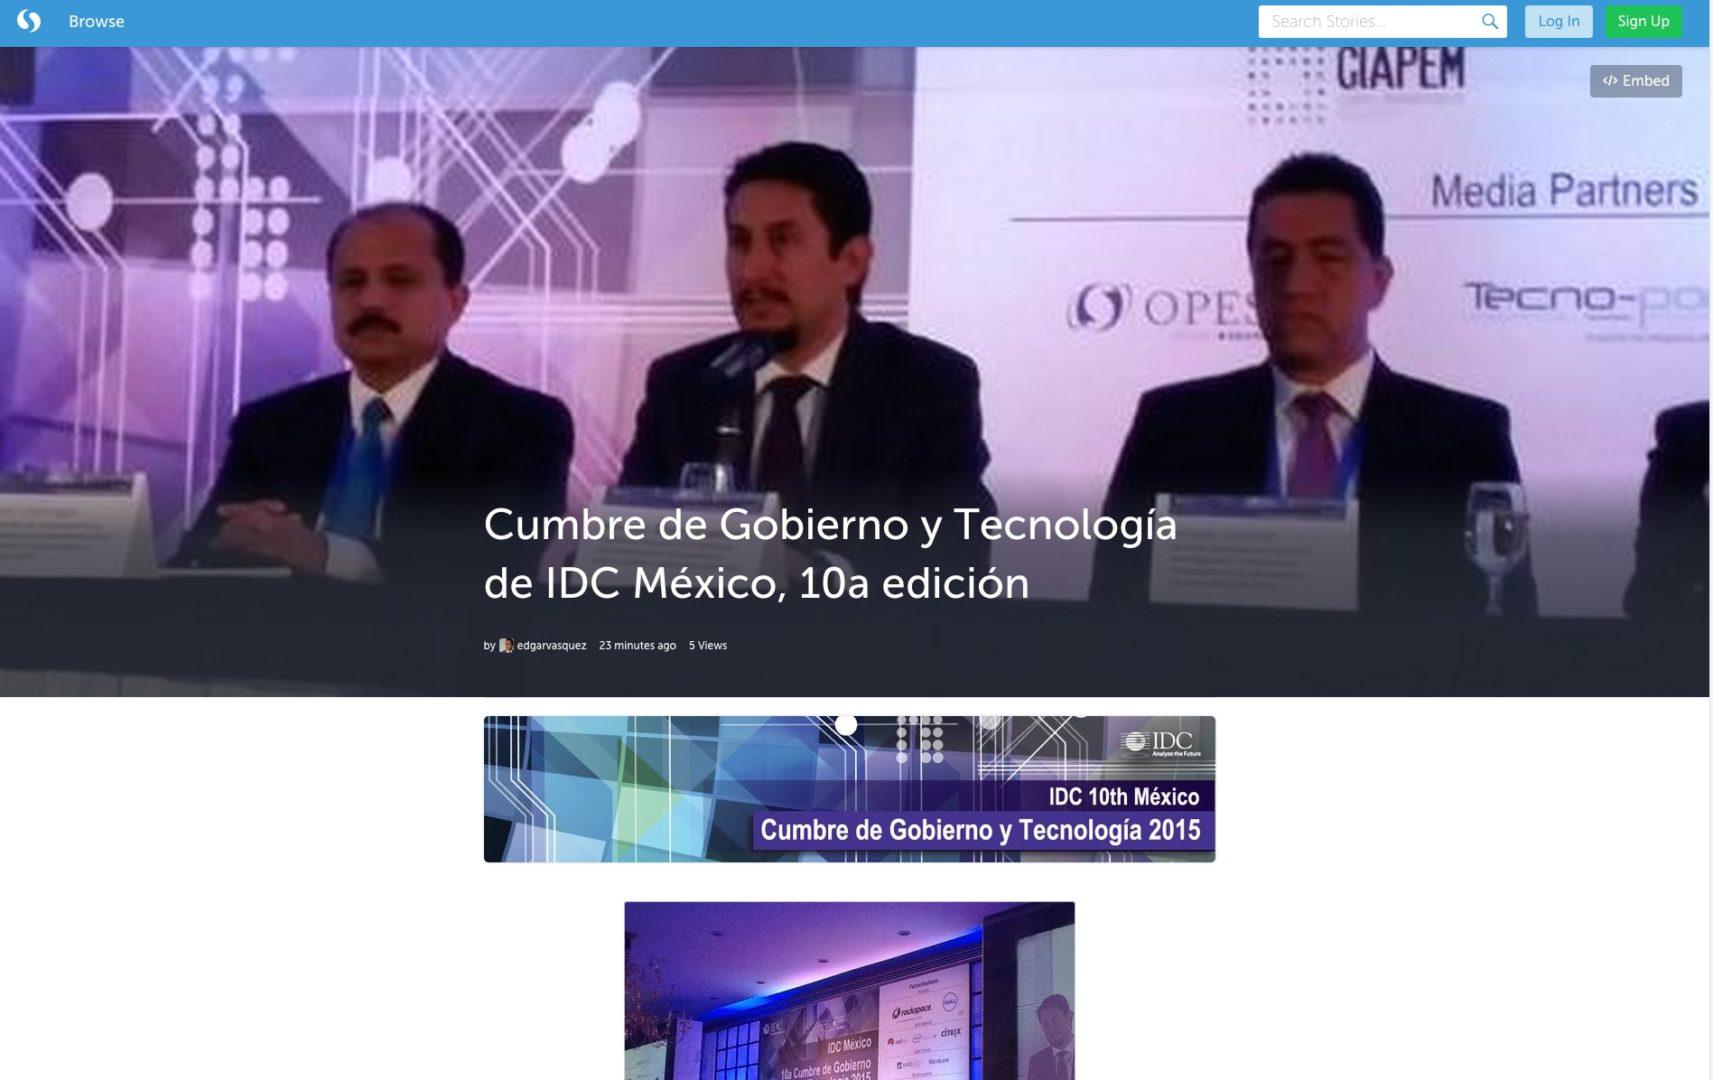 10a edición de la Cumbre de Gobierno y Tecnología organizada por IDC México